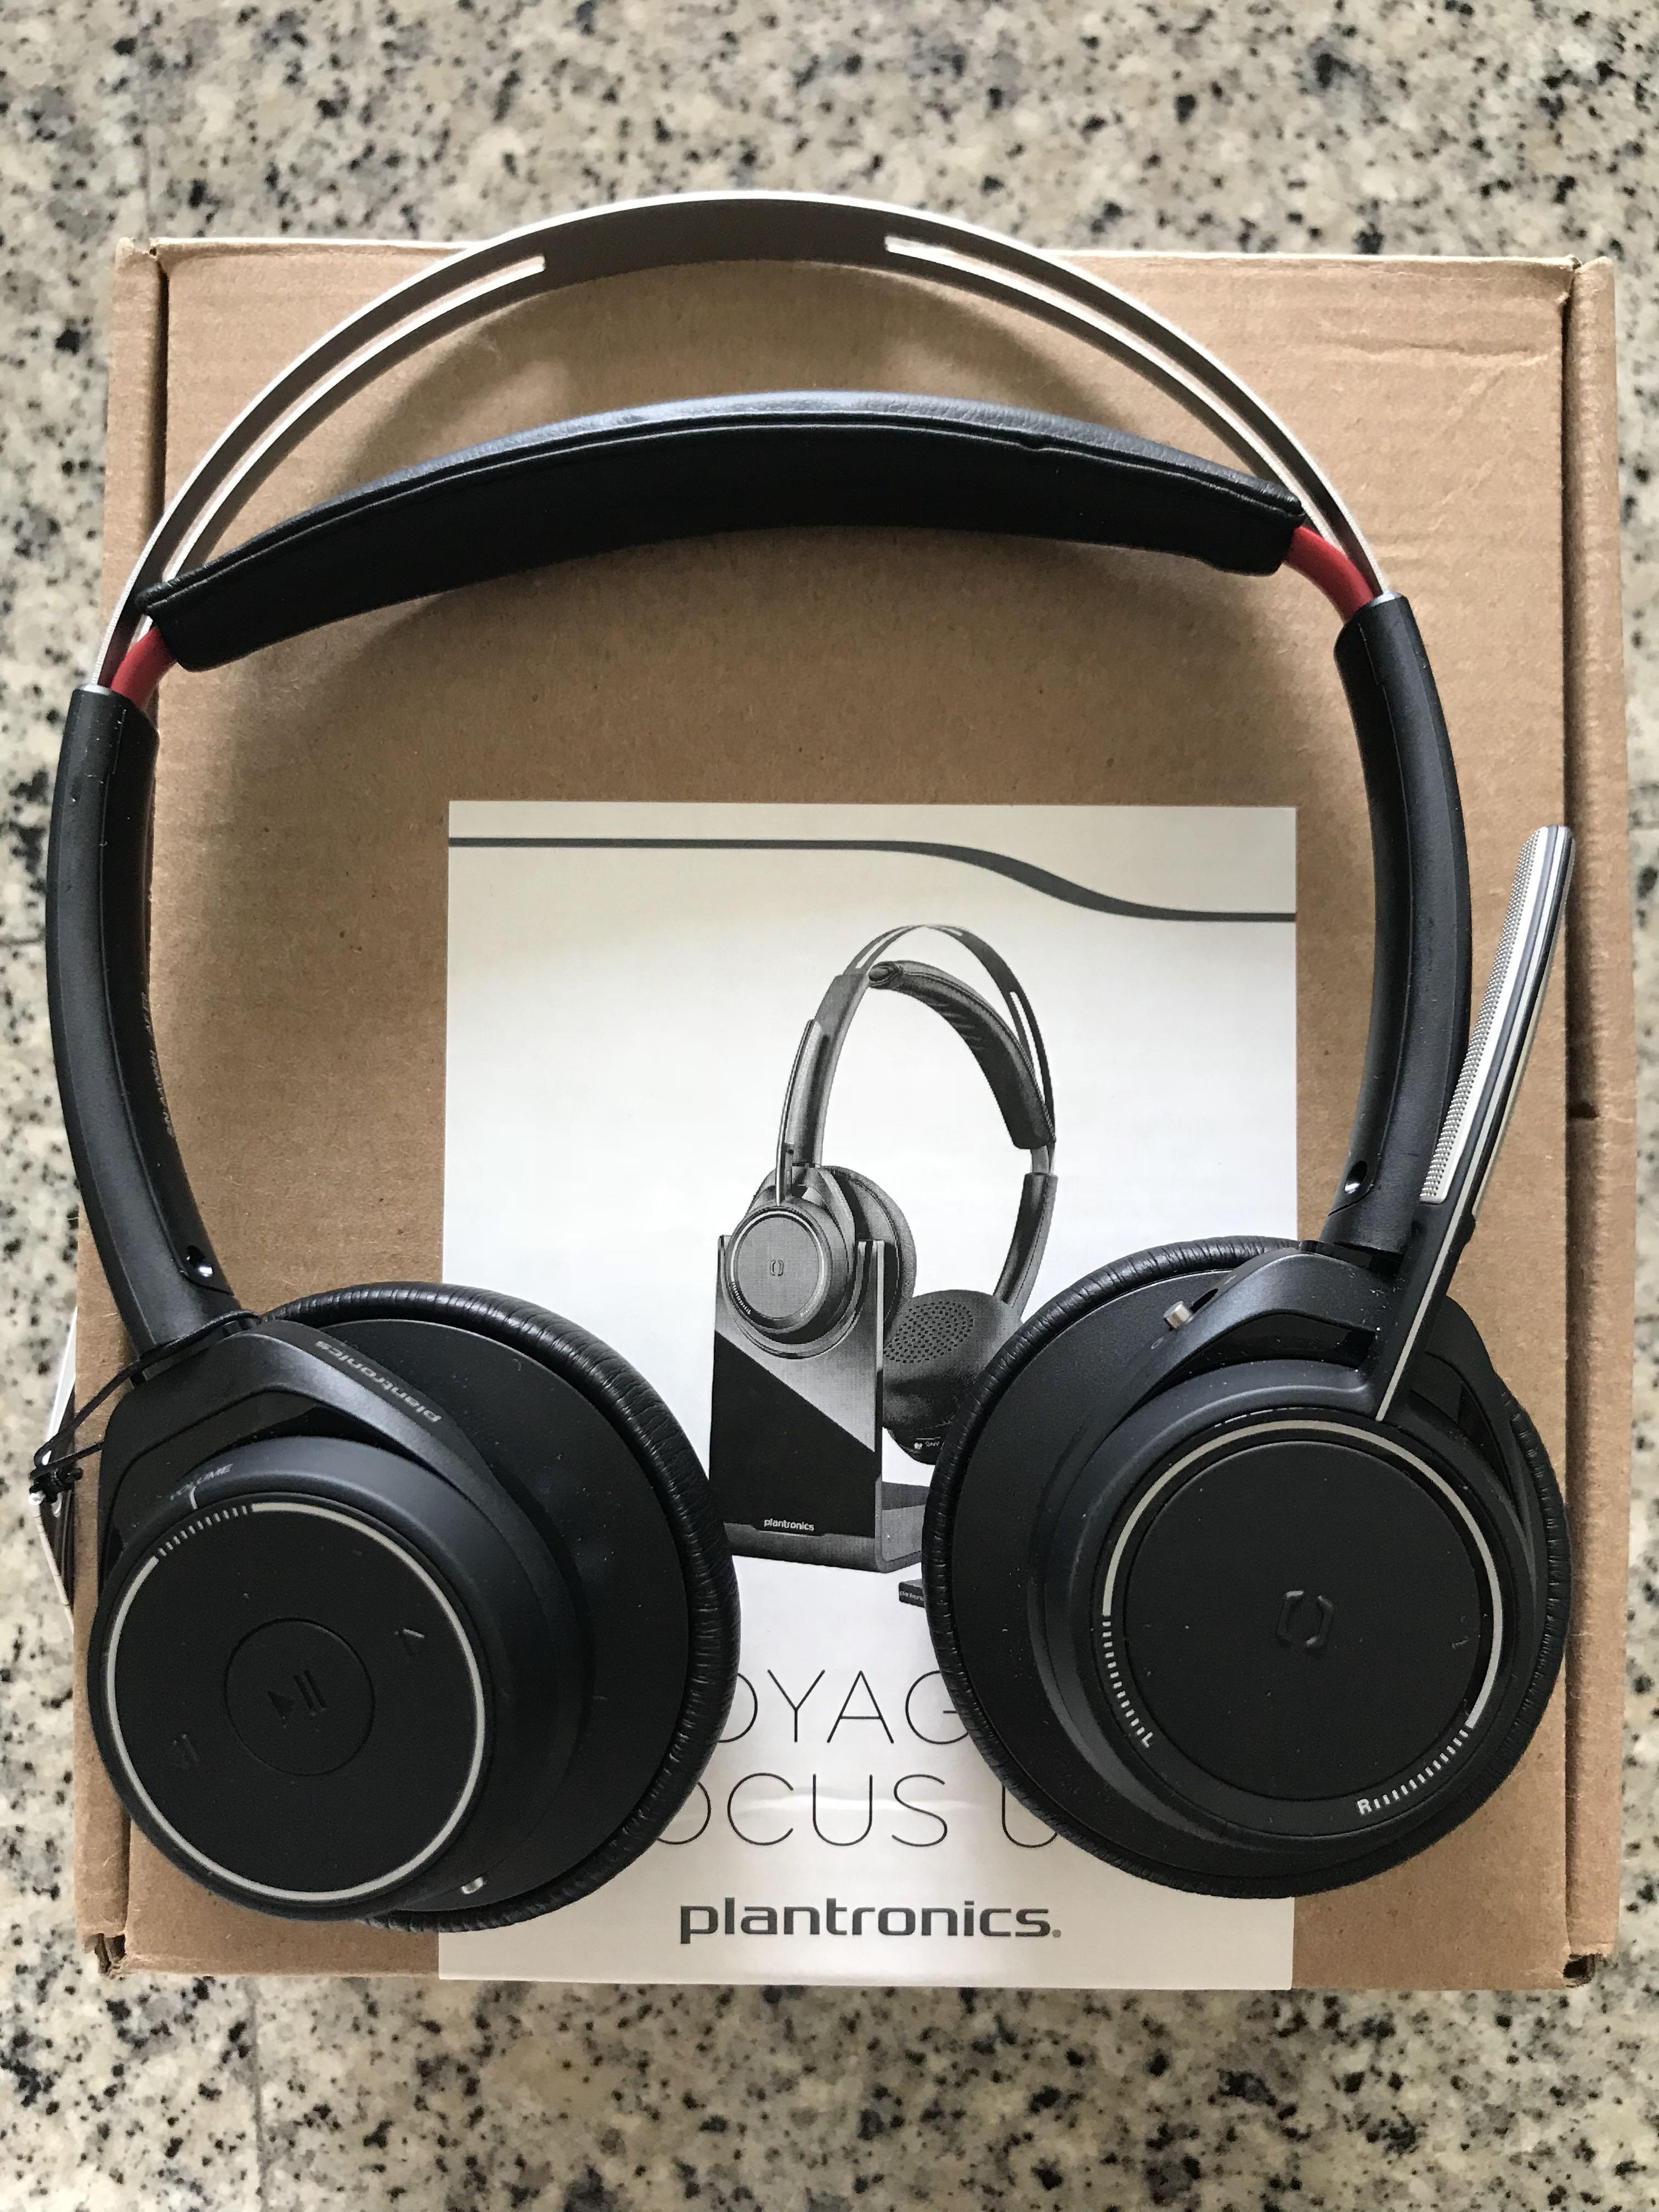 2d03d1cbdf0 Brand New Plantronics Voyager Focus B825 For Sale, Electronics ...